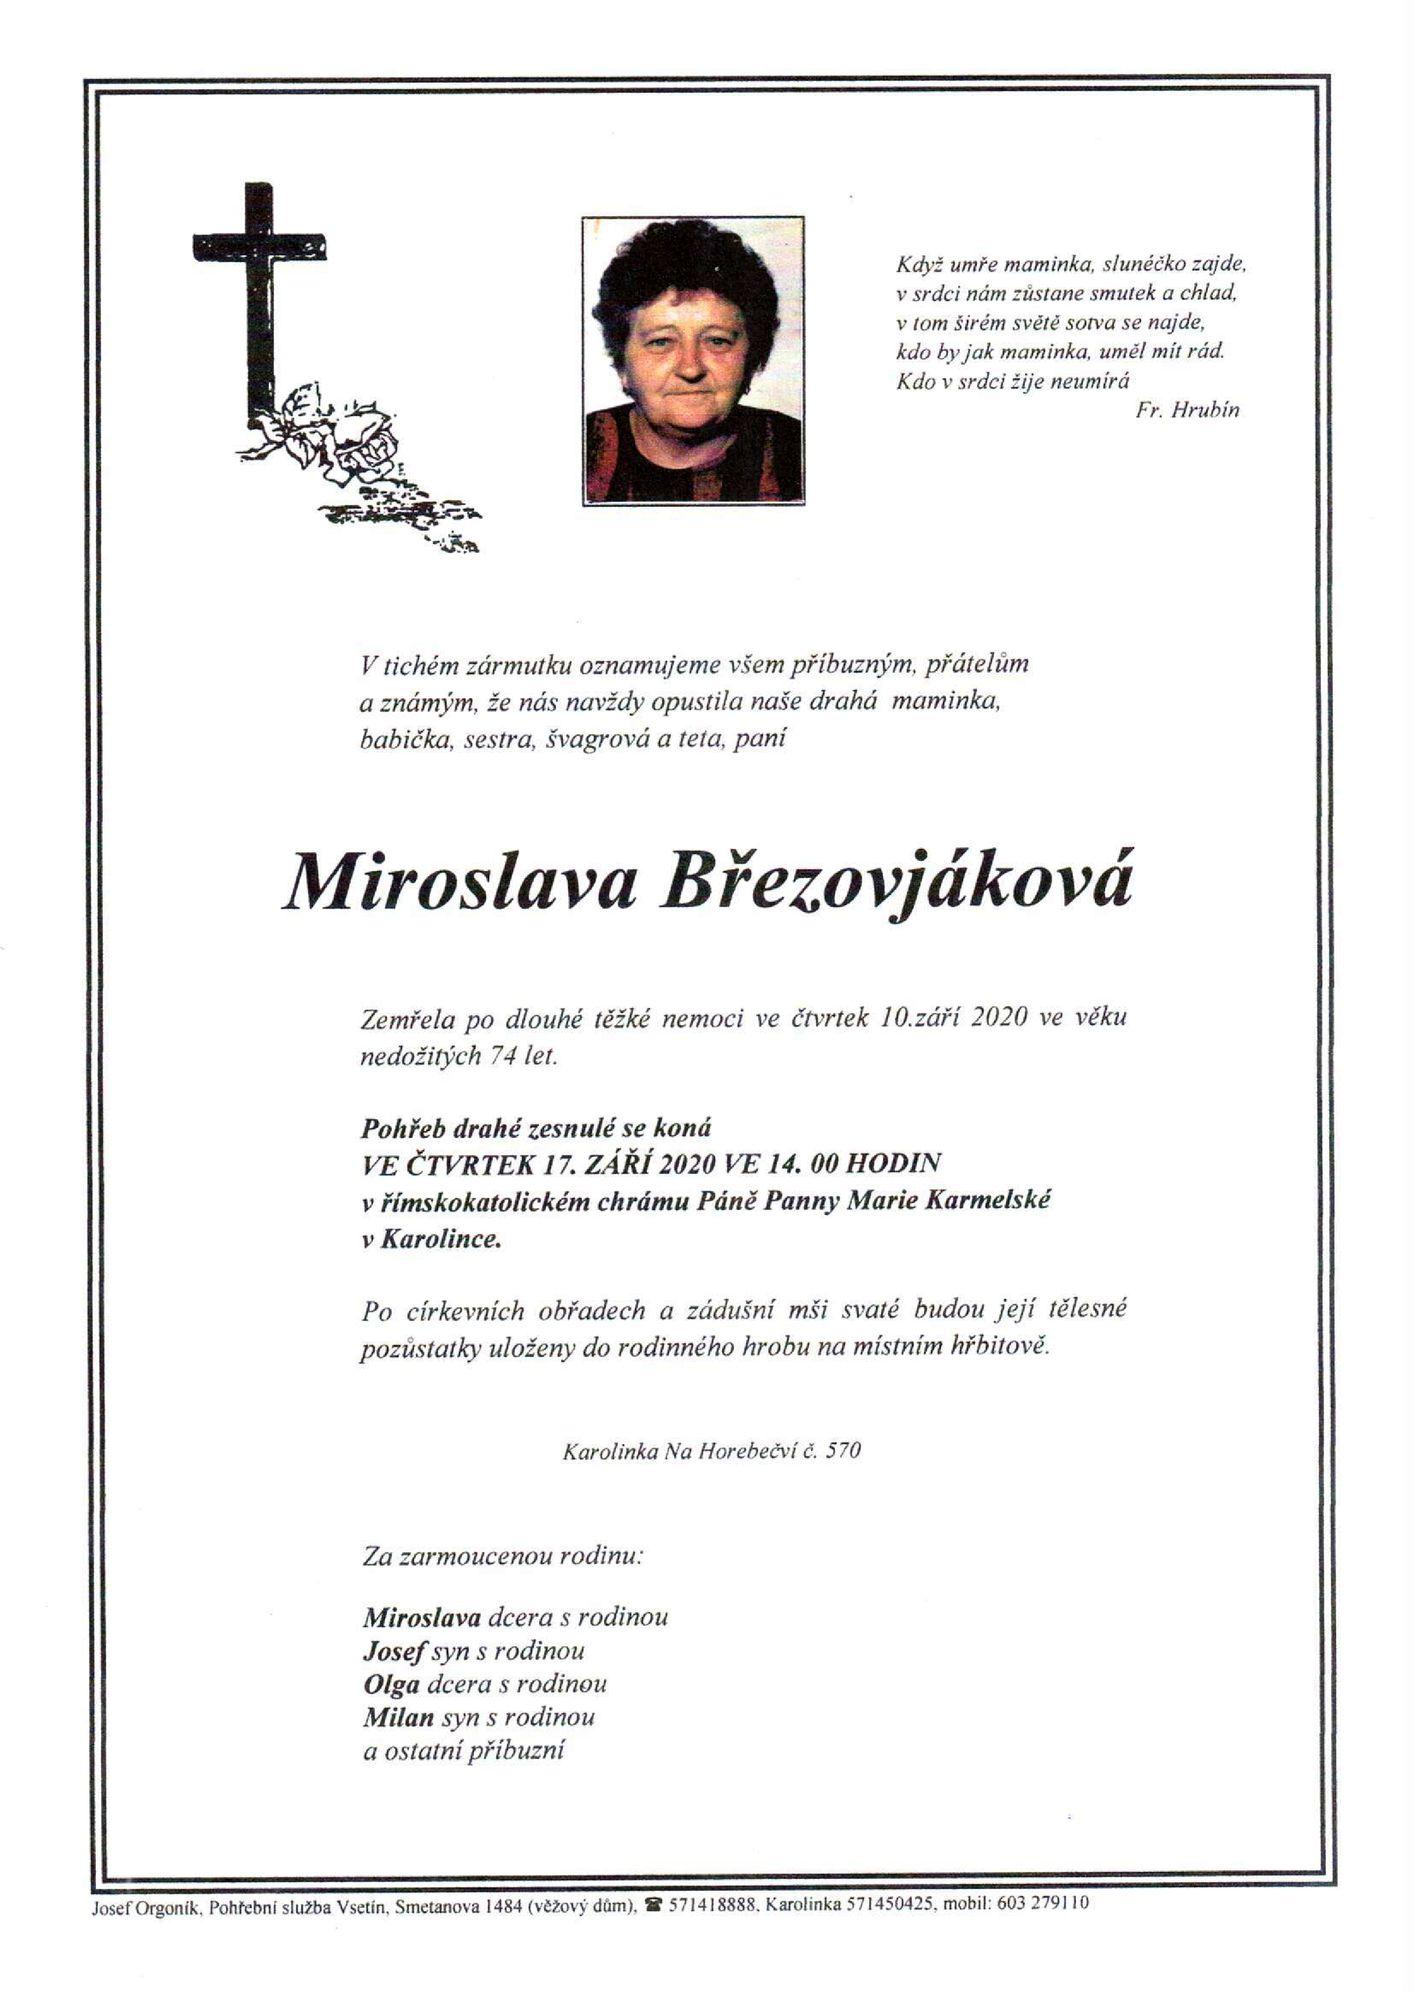 Miroslava Březovjáková